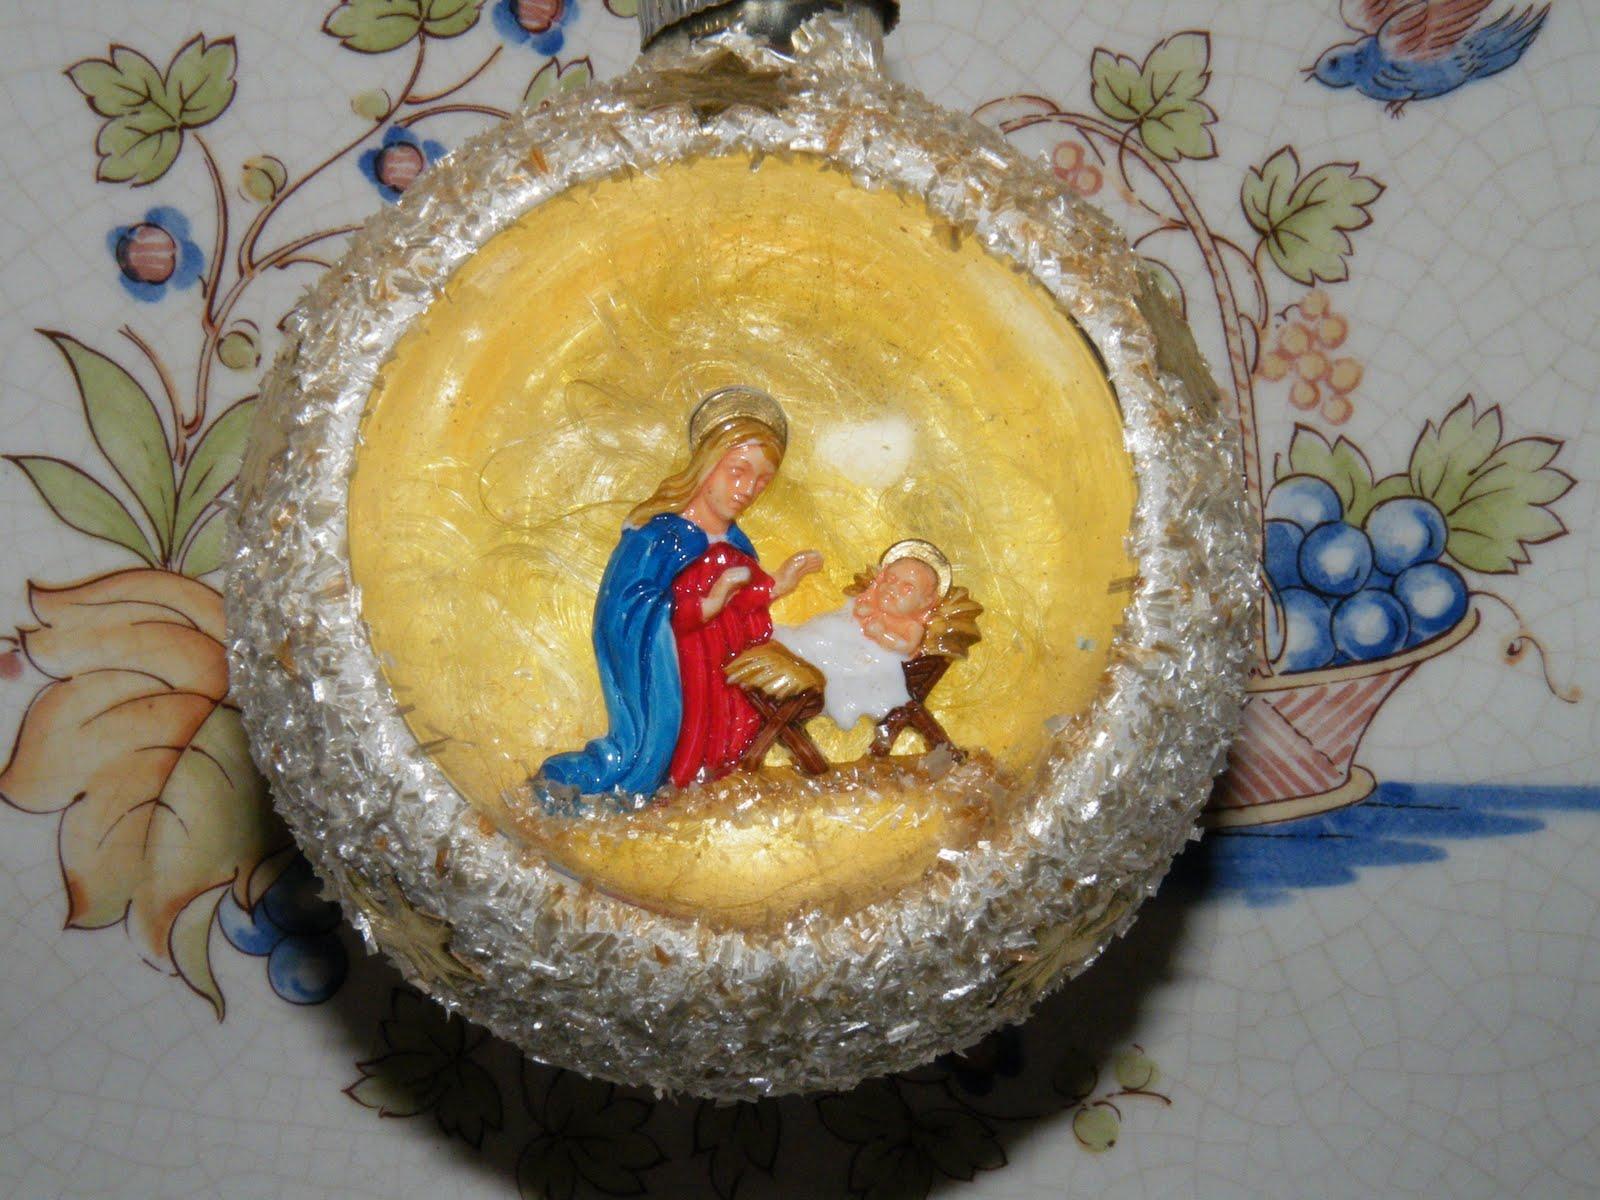 Du four au jardin et mes dix doigts joyeux noel merry christmas - Creche de noel en verre ...